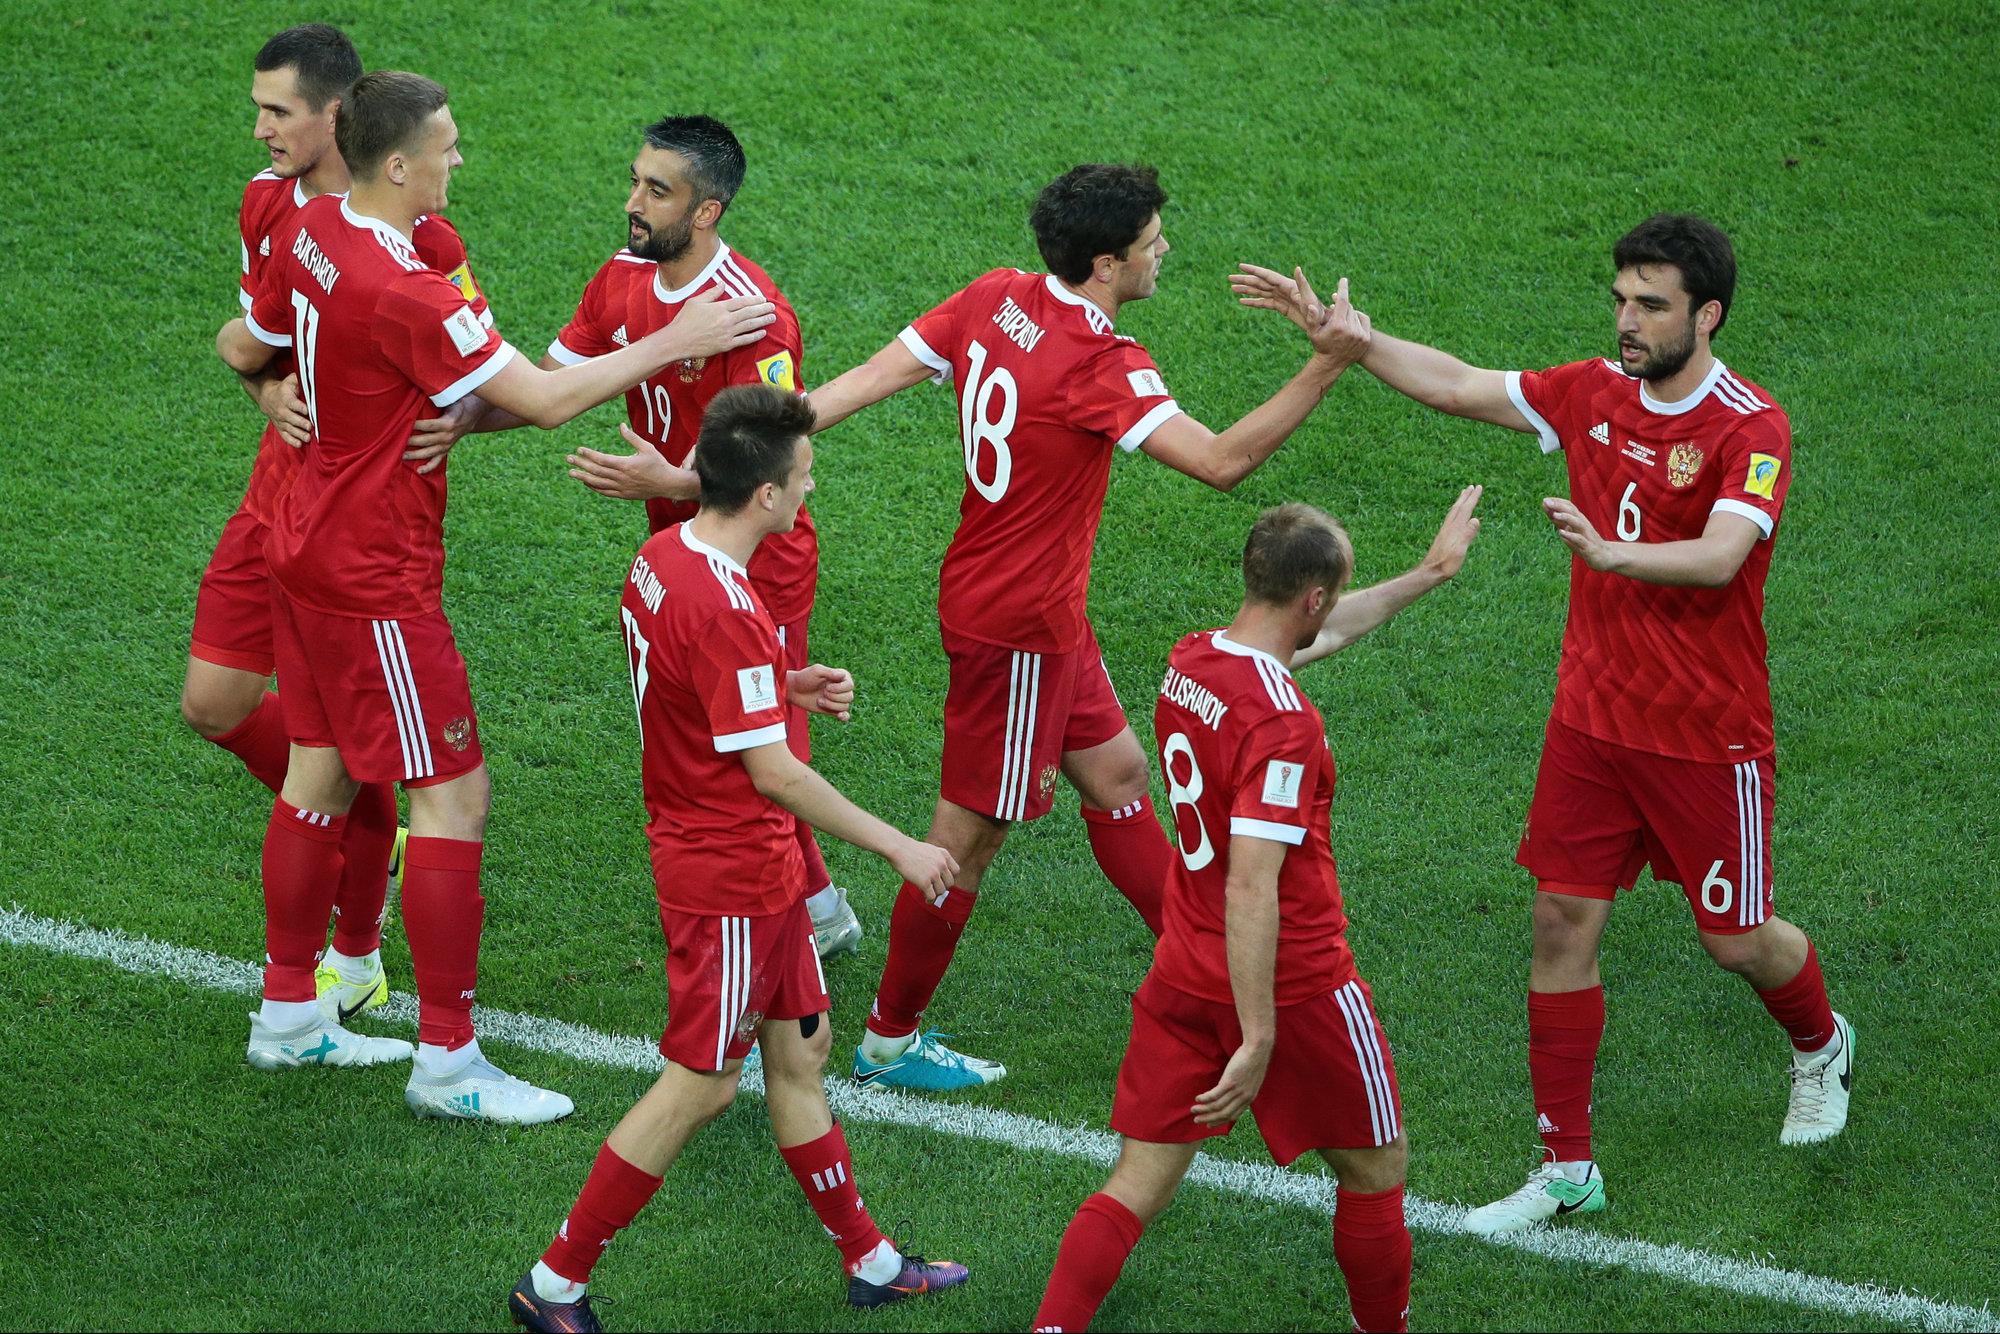 Первым соперником на мундиале для сборной россии станет саудовская аравия.